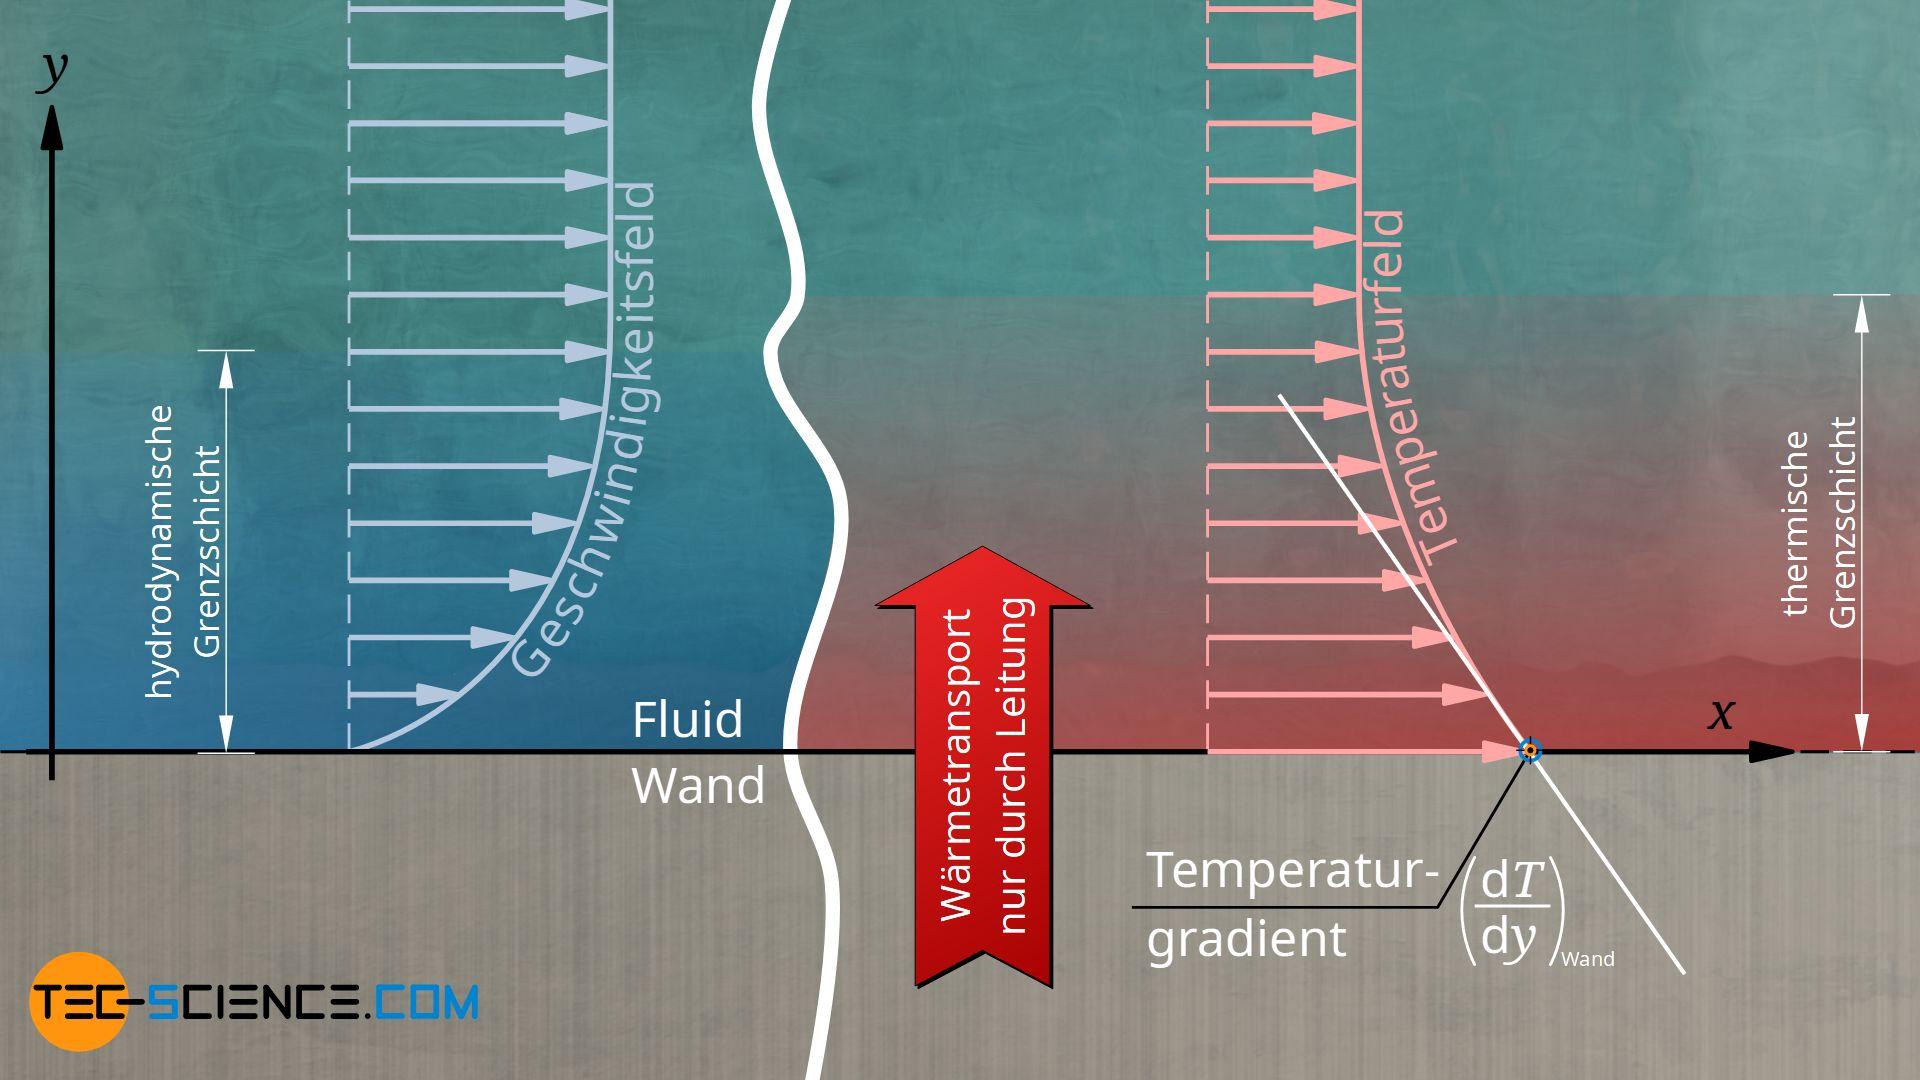 Einfluss der hydrodynamischen und thermischen Grenzschicht auf den konvektiven Wärmeübergang